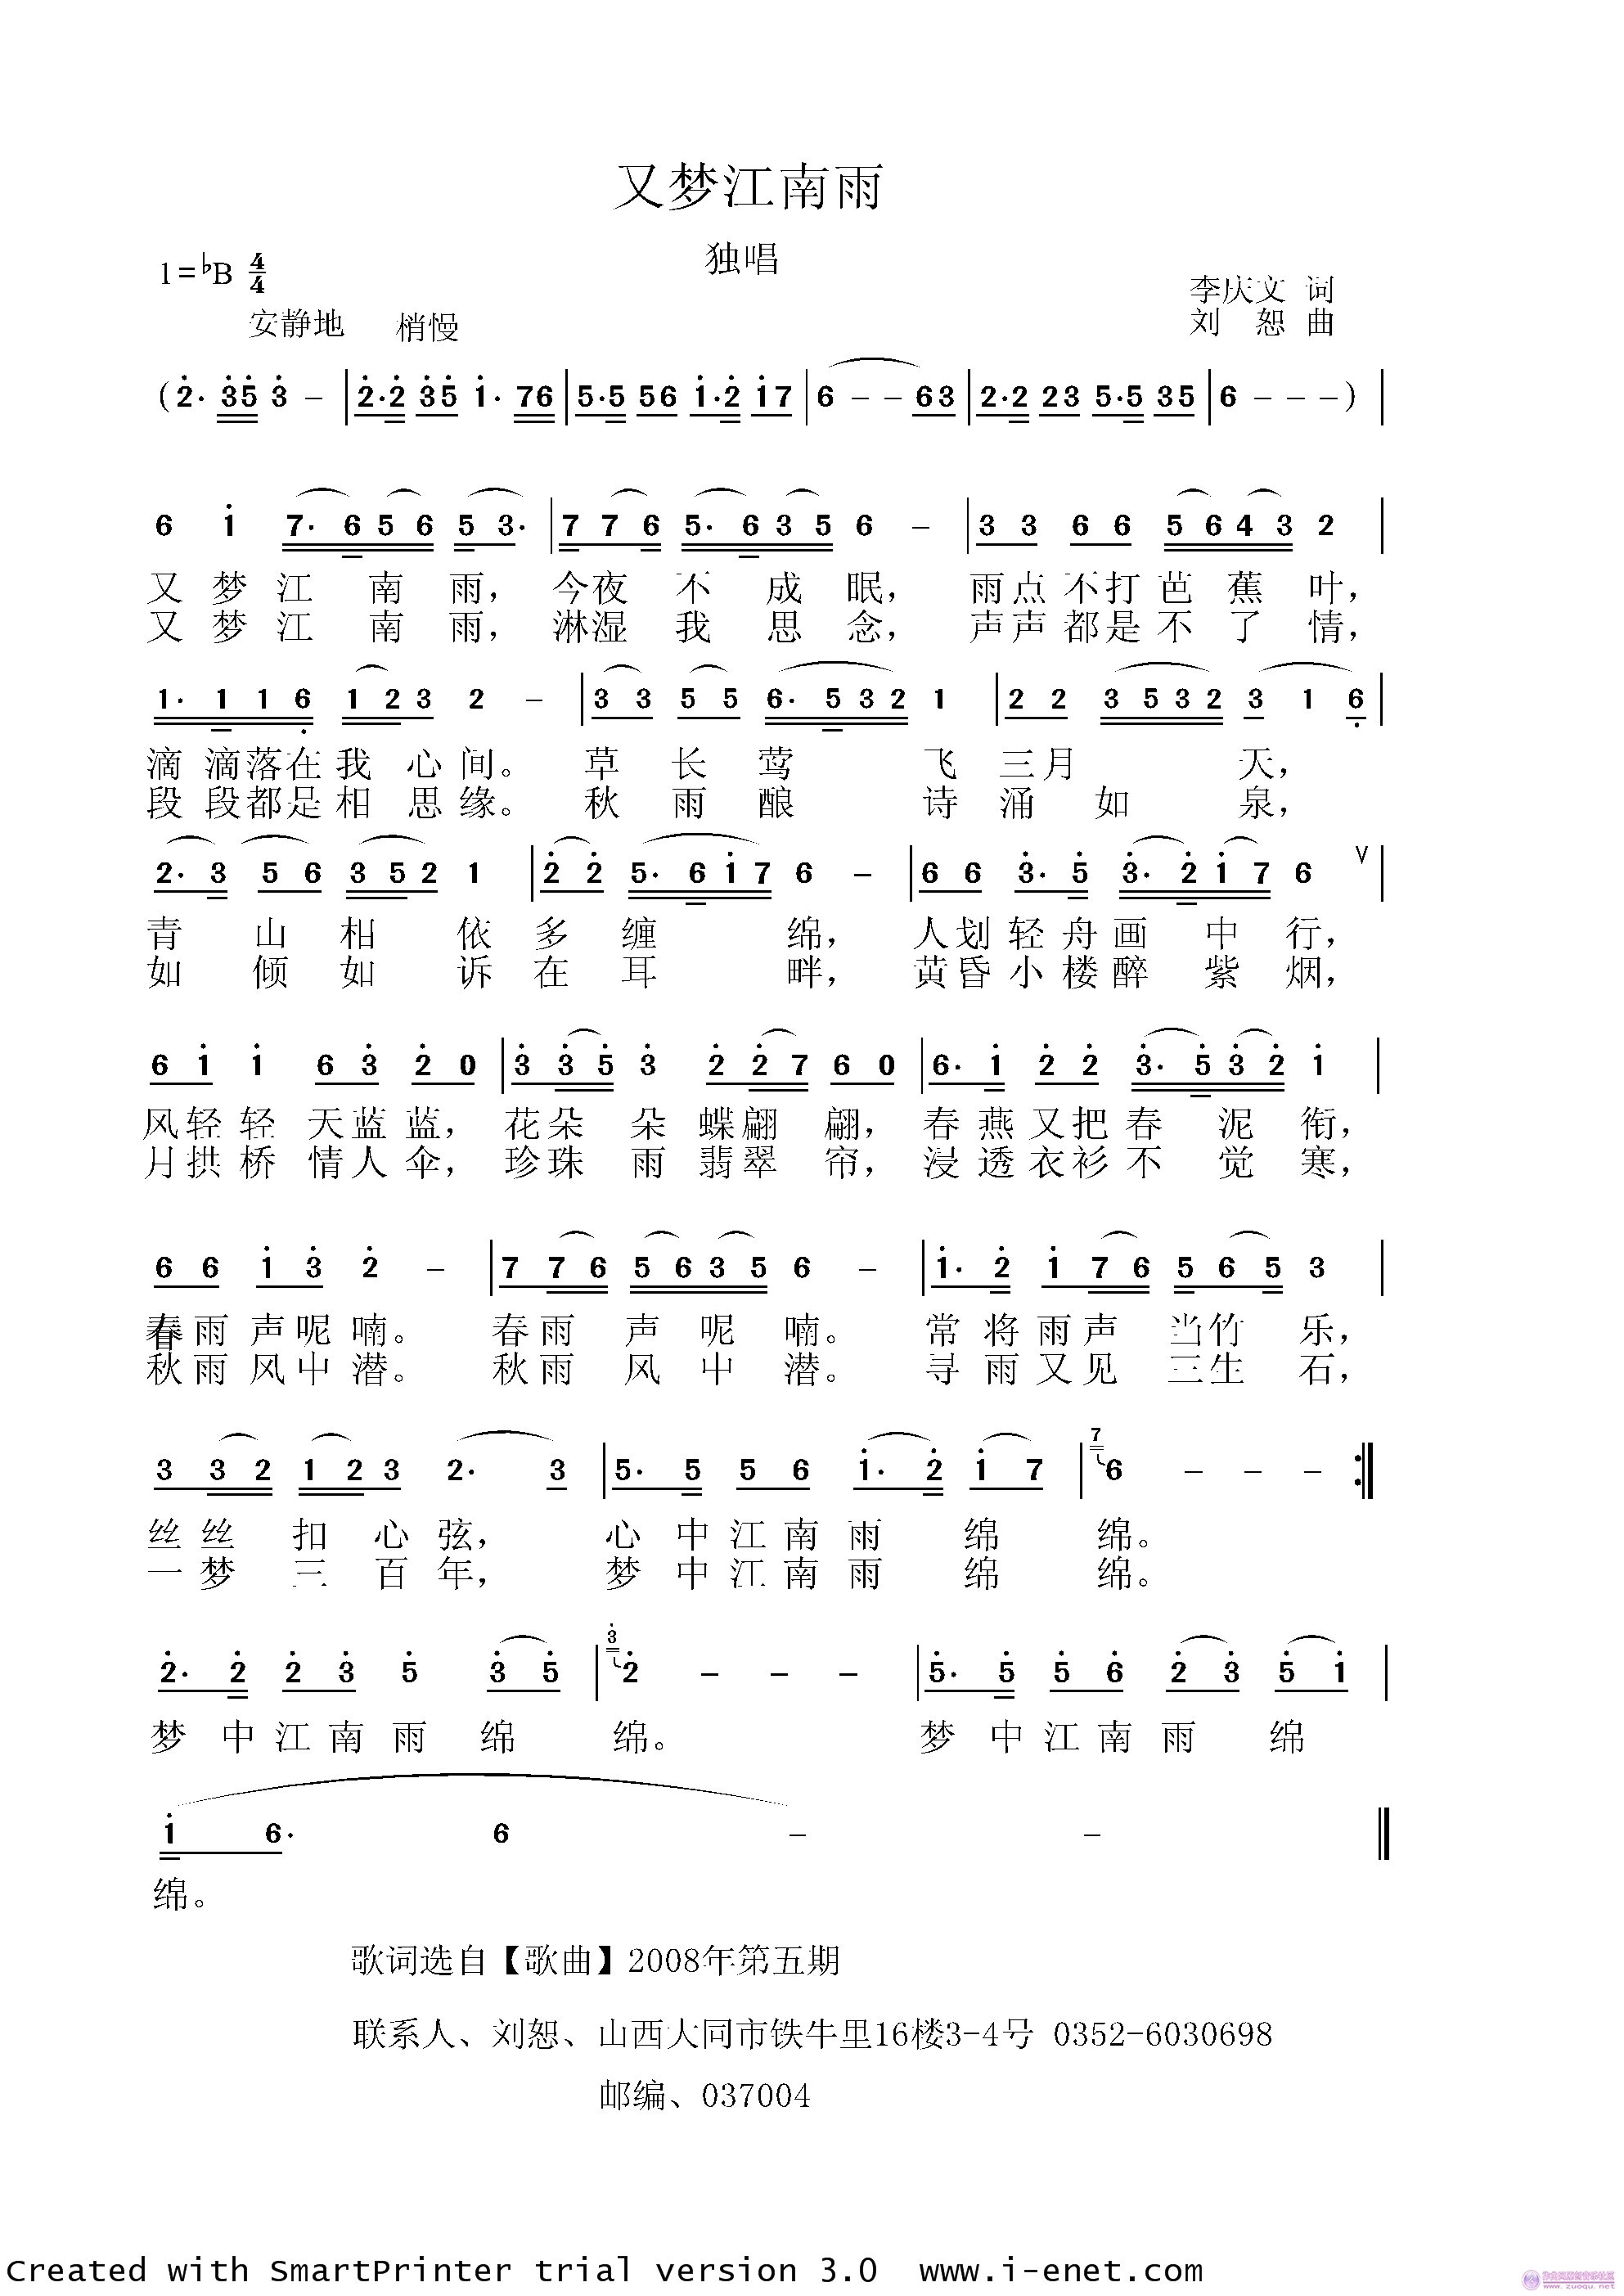 江南雨 曲谱 原创音乐